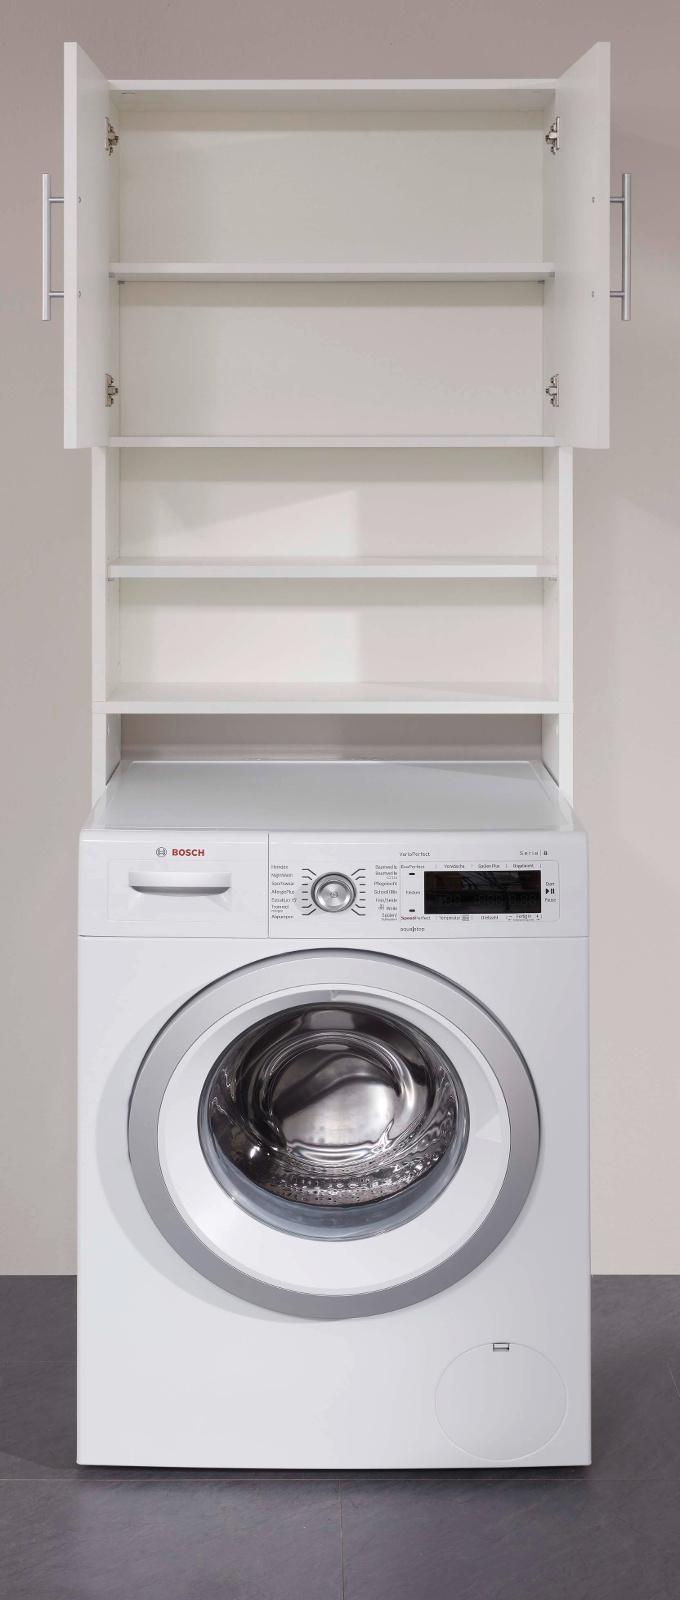 Waschmaschinenschrank Basix in weiß Badmöbel 20 x 20 cm  Waschmaschinenüberbau